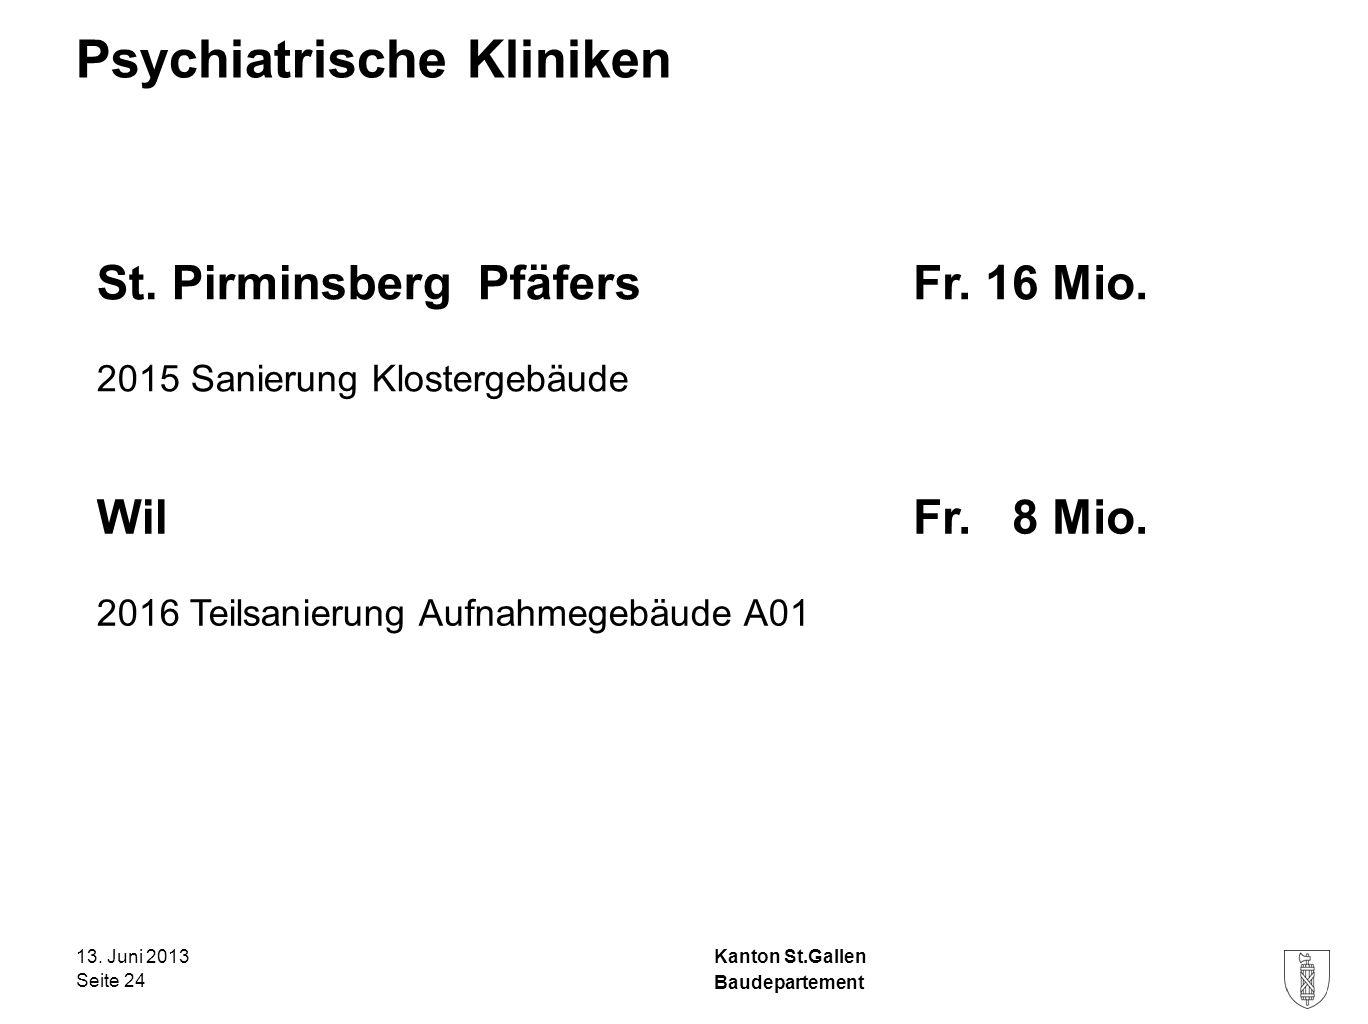 Kanton St.Gallen Psychiatrische Kliniken 13. Juni 2013 Seite 24 Baudepartement St.